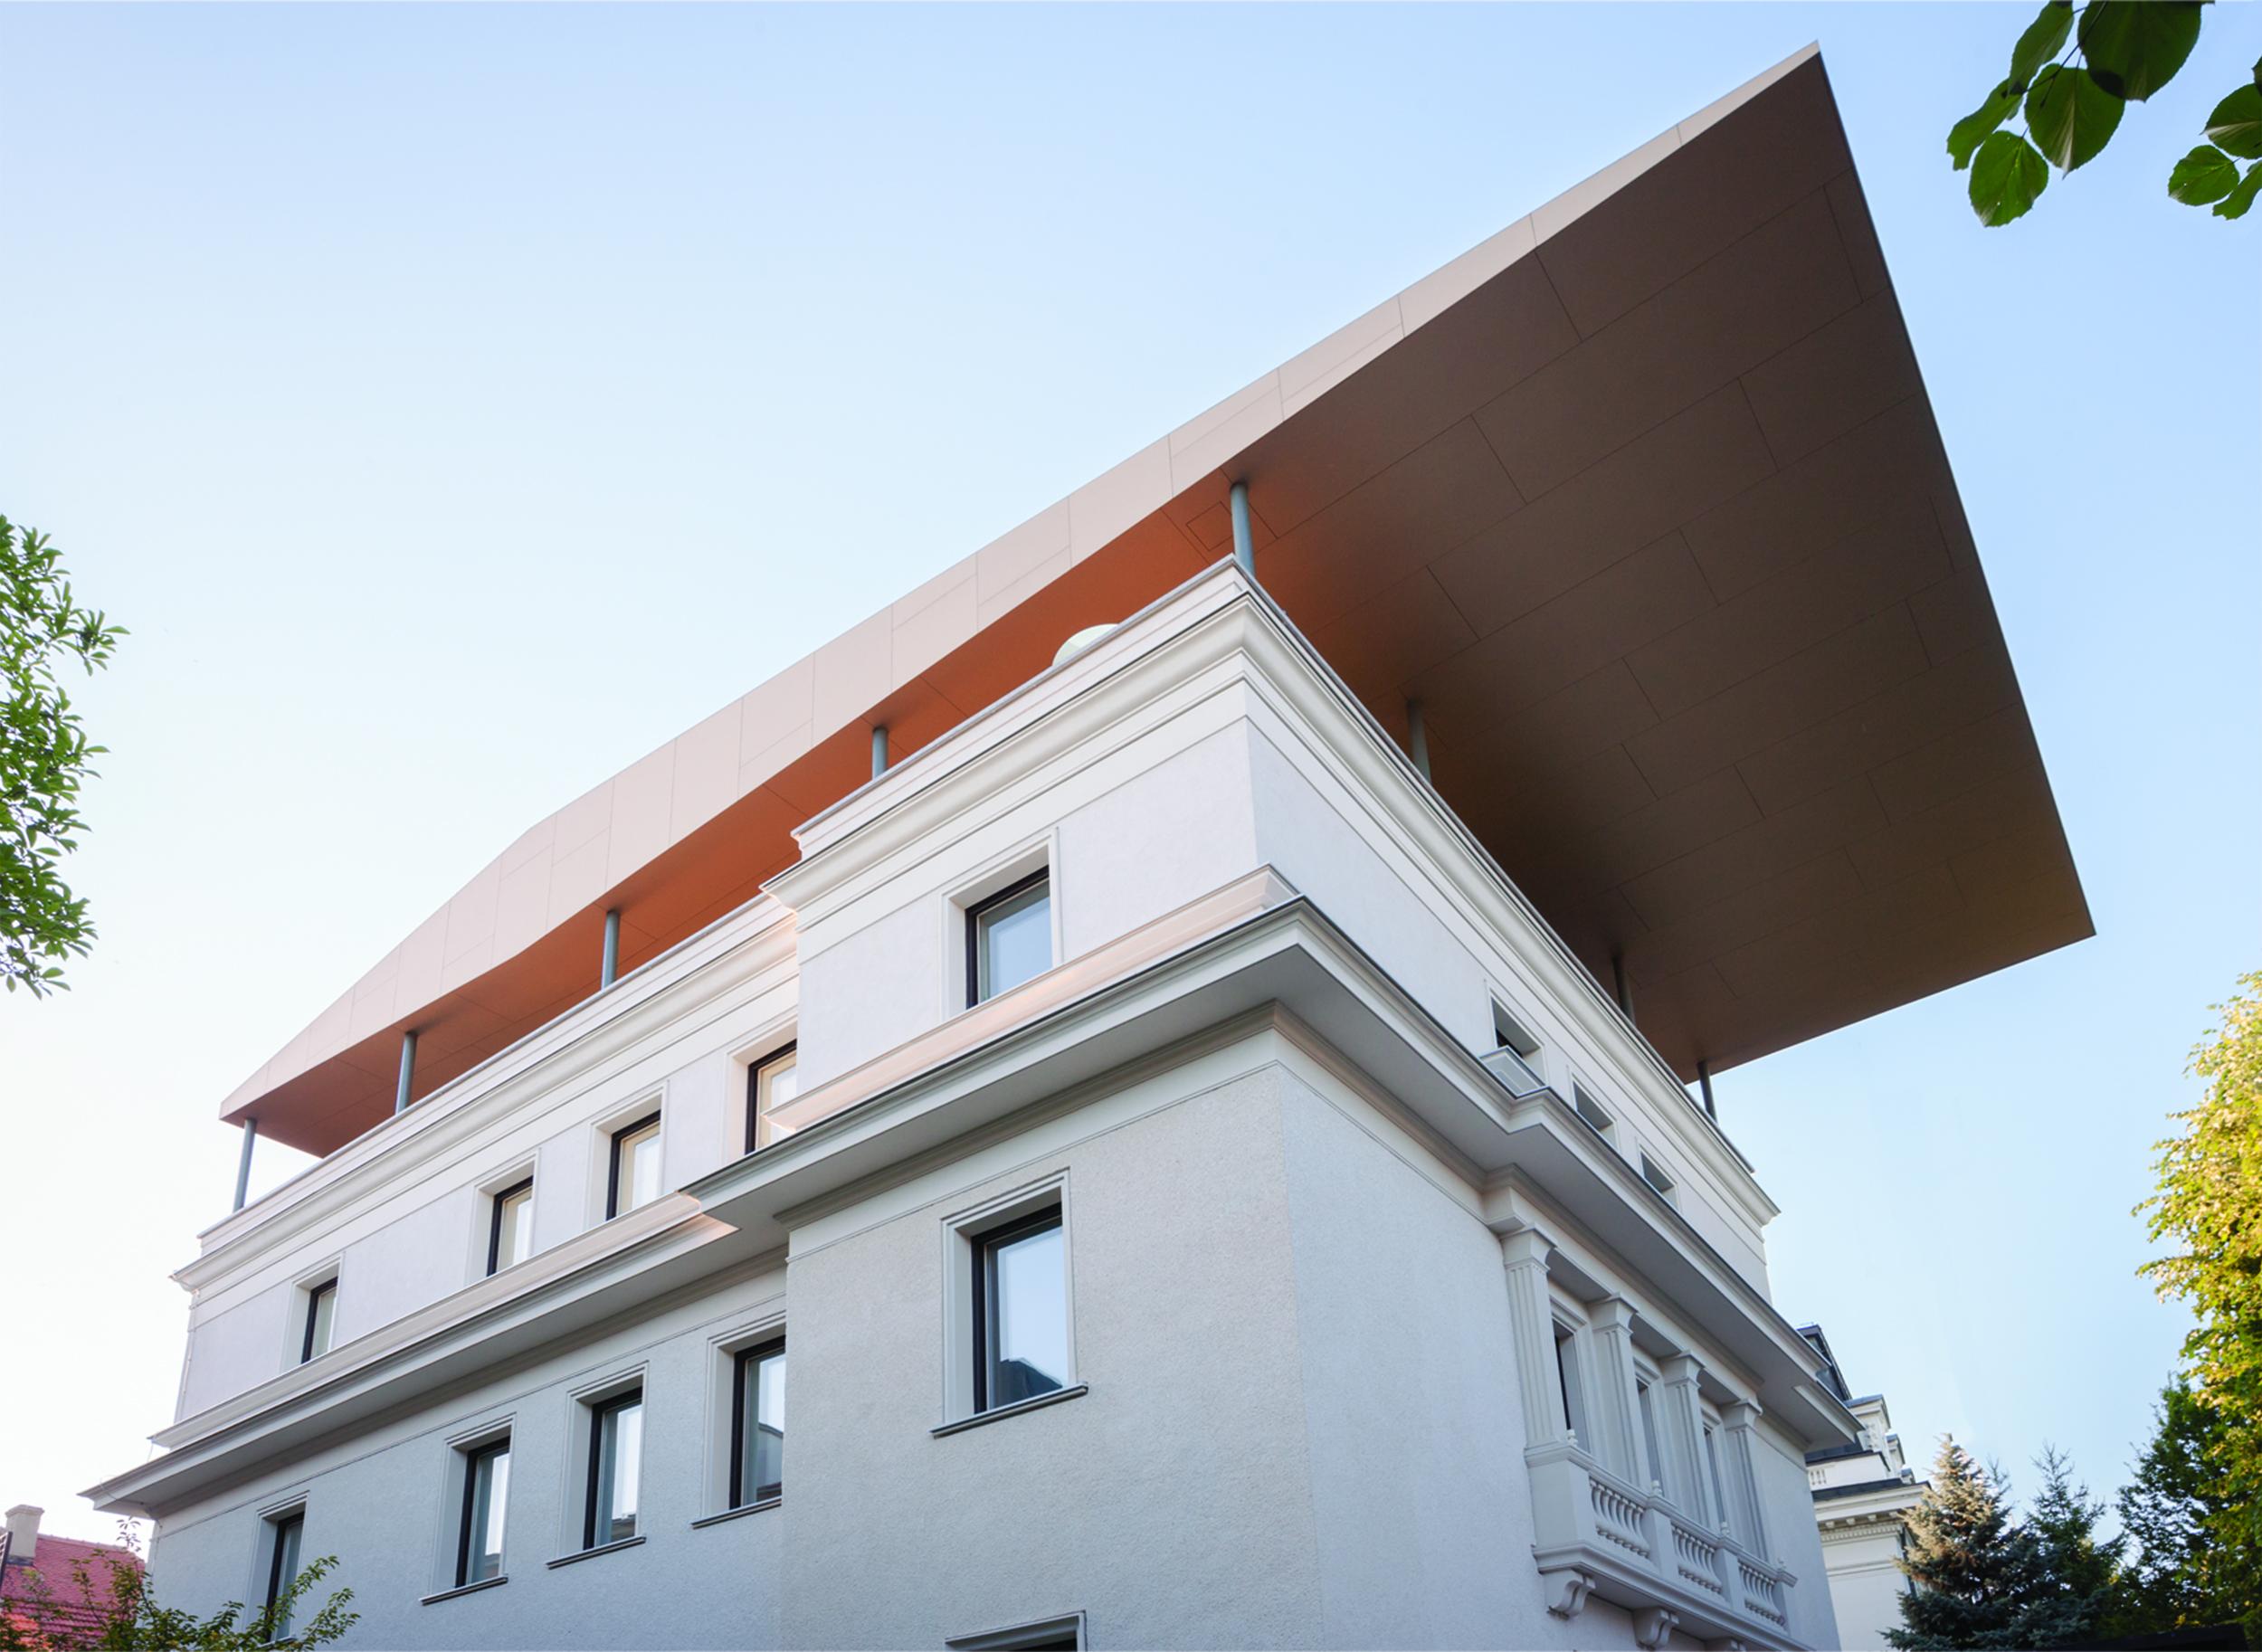 the c.a.p - Nominalizarile pentru Premiile Romanian Building Awards - premii de recunoastere publica a excelentei in proiectarea si executia spatiului construit din Romania